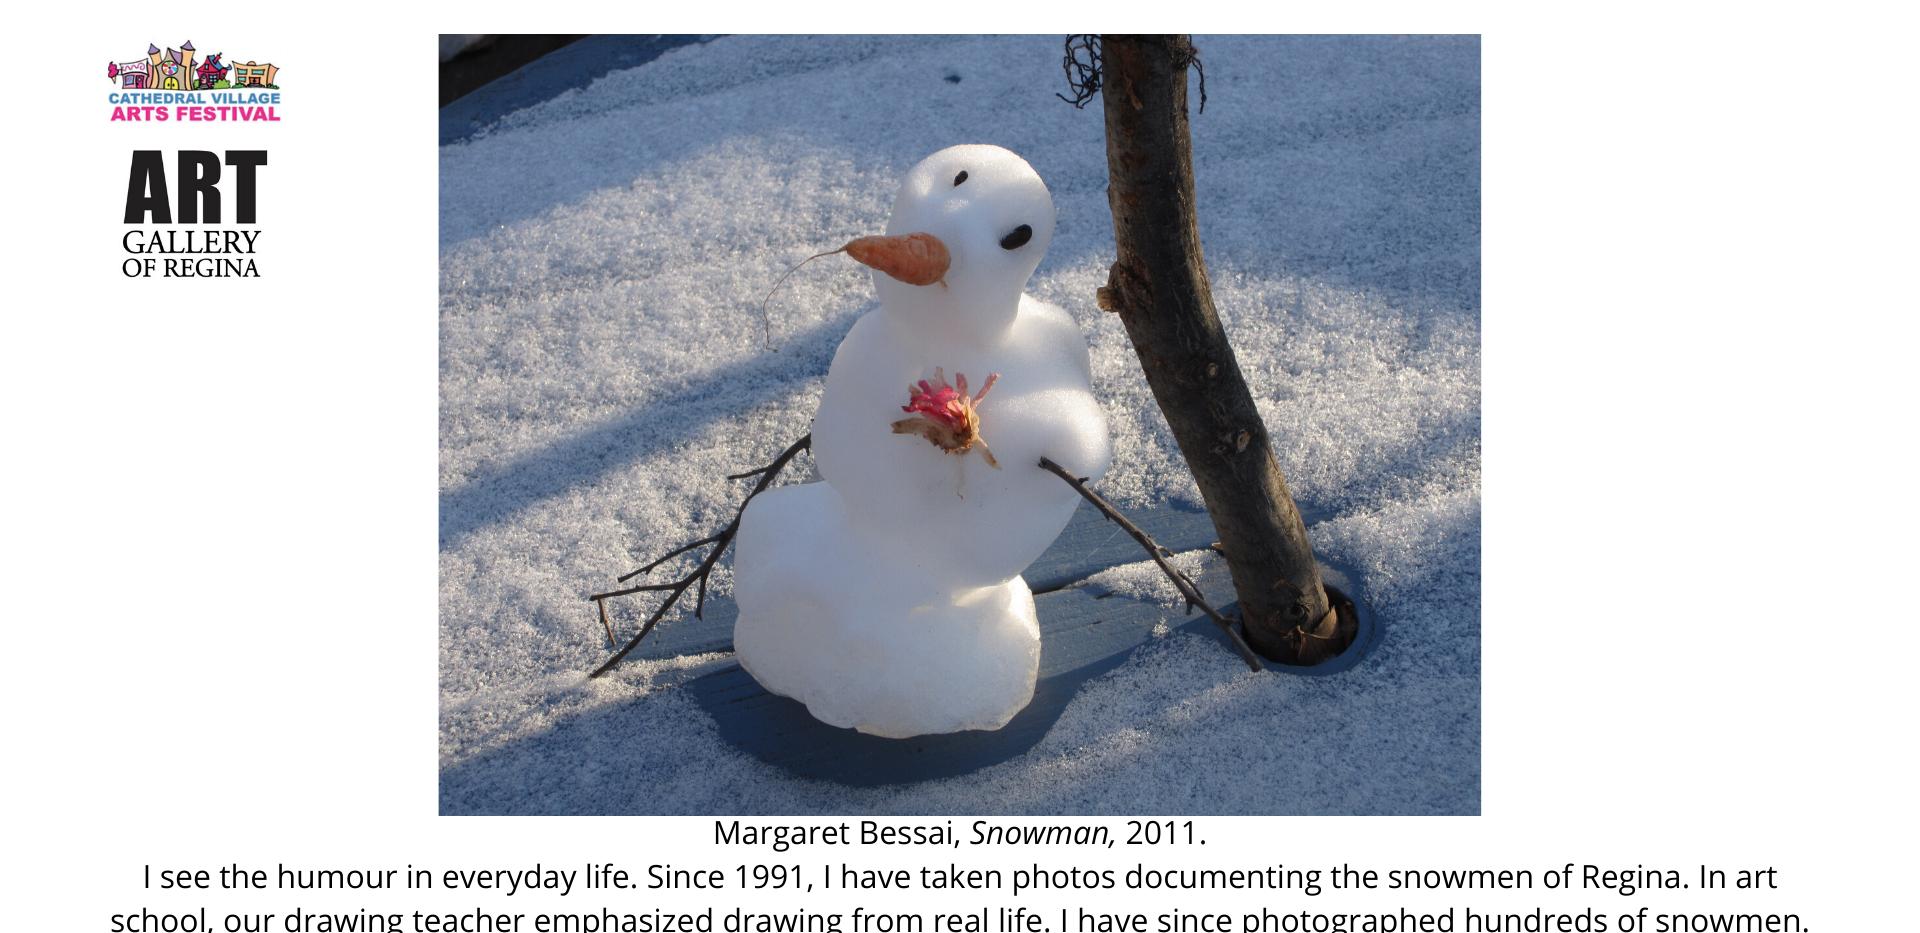 Margaret Bessai, Snowman,2011.